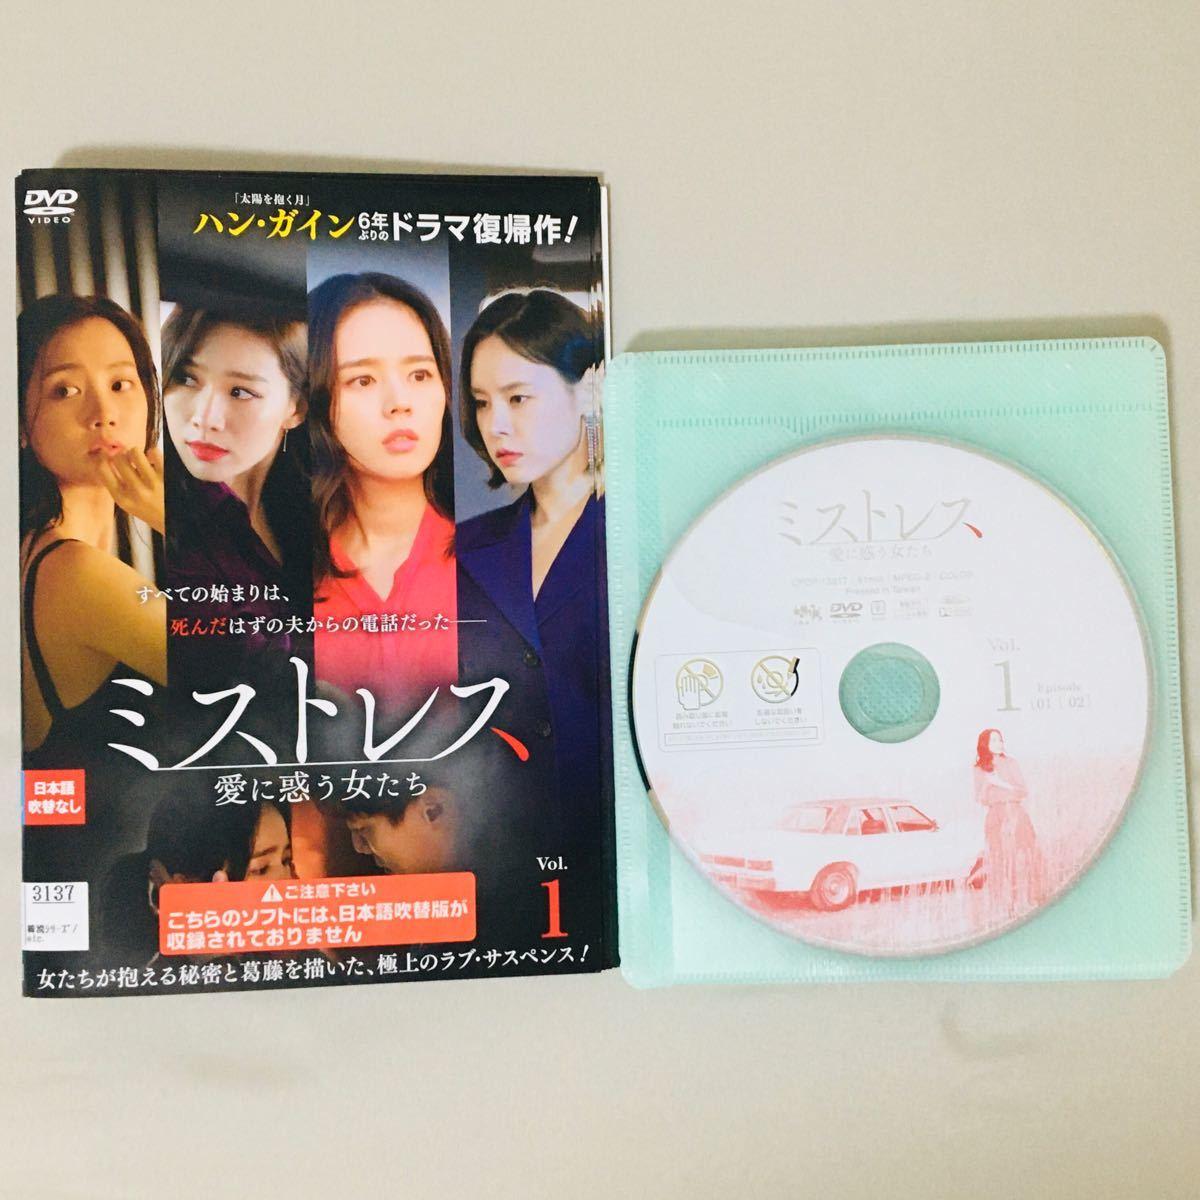 【全巻set】 ミストレス 愛に戸惑う女たち 全9巻